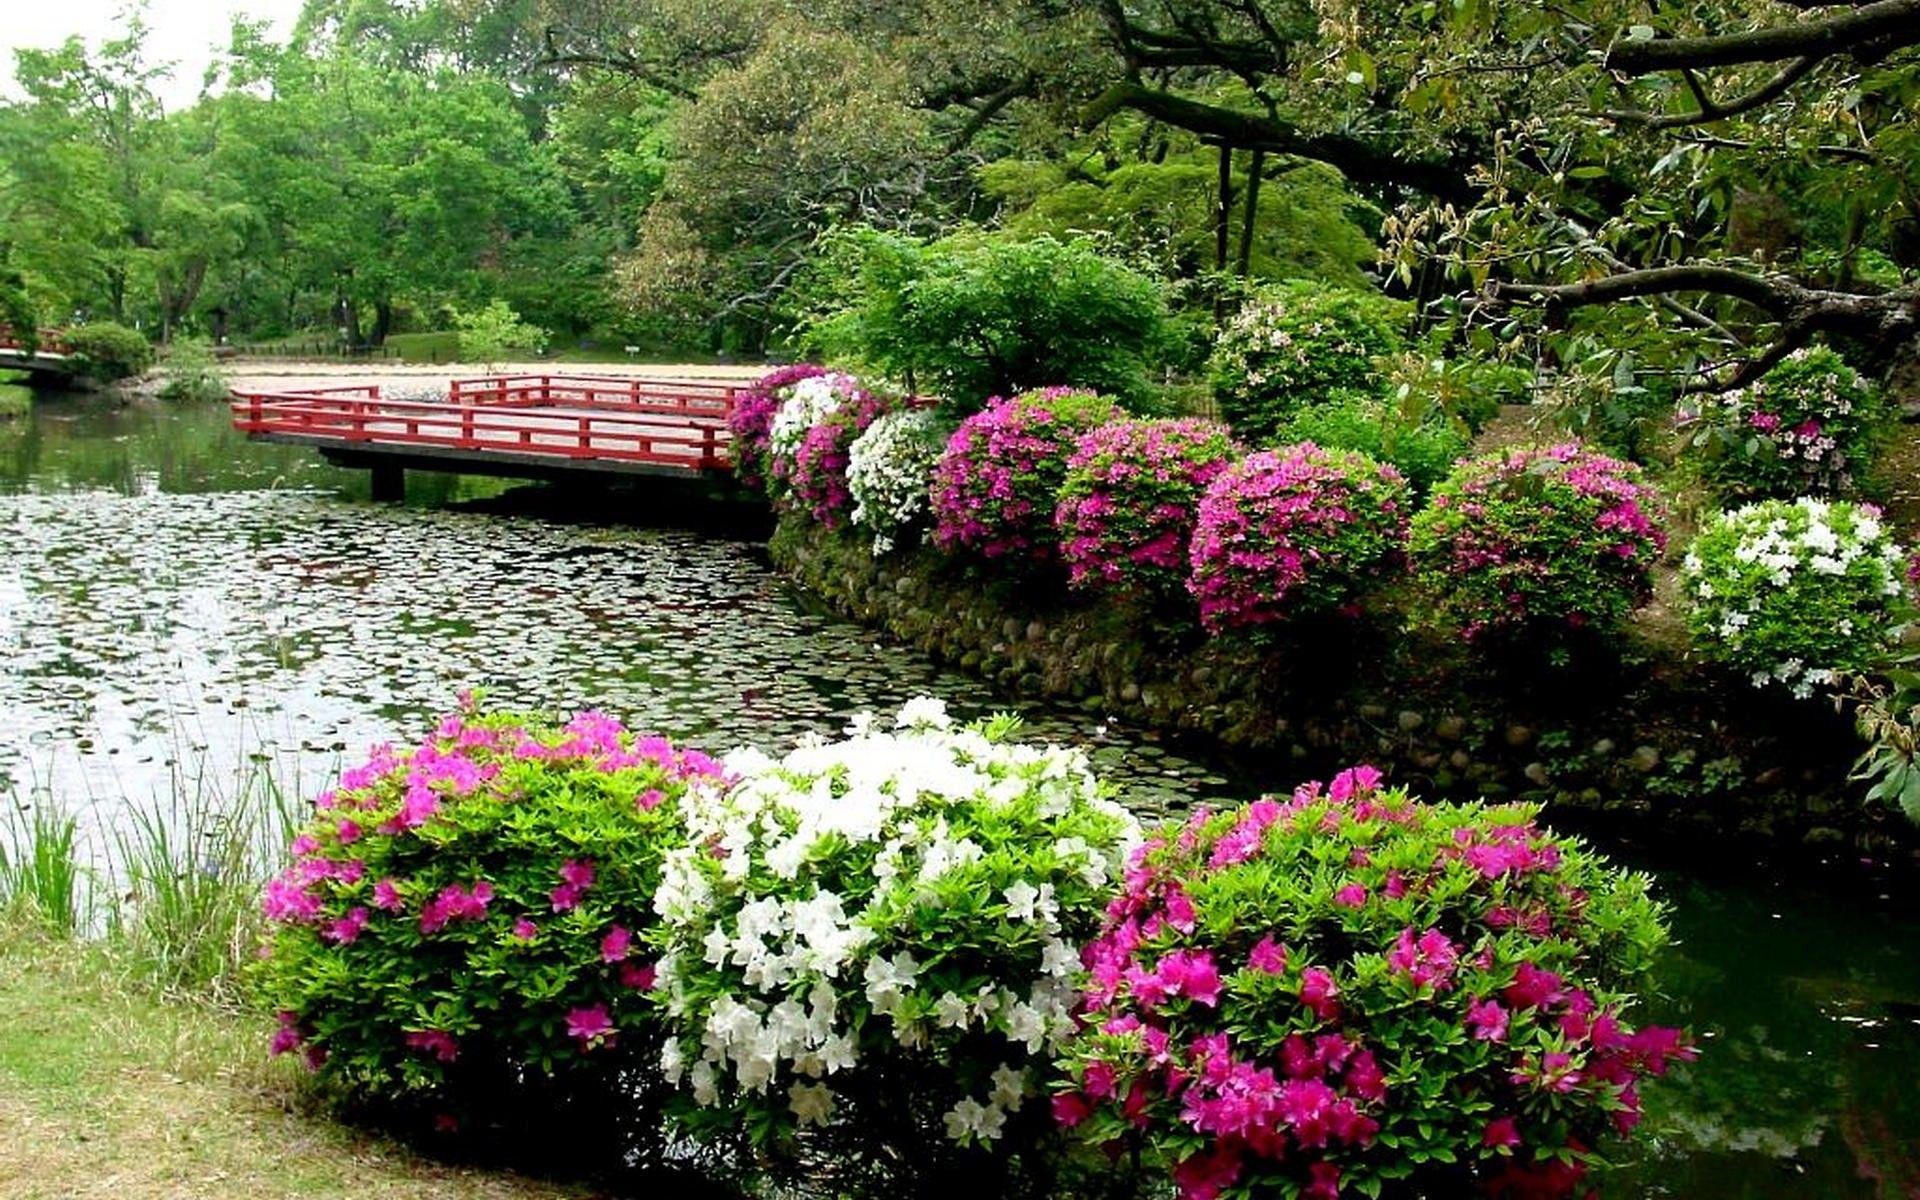 best images about landscape ideas on Pinterest Gardens